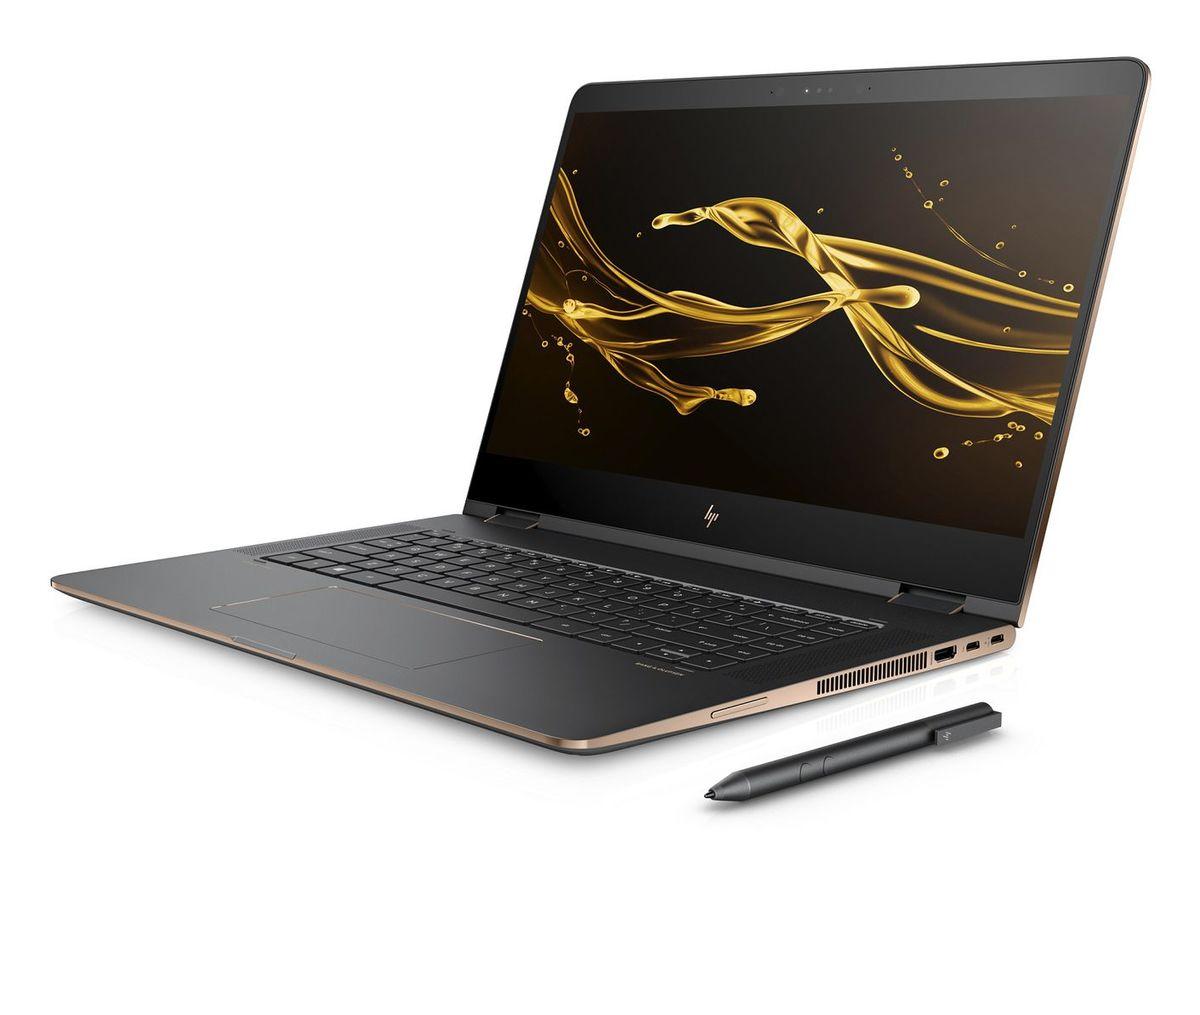 Notebook HP Spectre x360 má grafickú kartu s vlastnou pamäťou a 15,6-palcový dotykový displej.